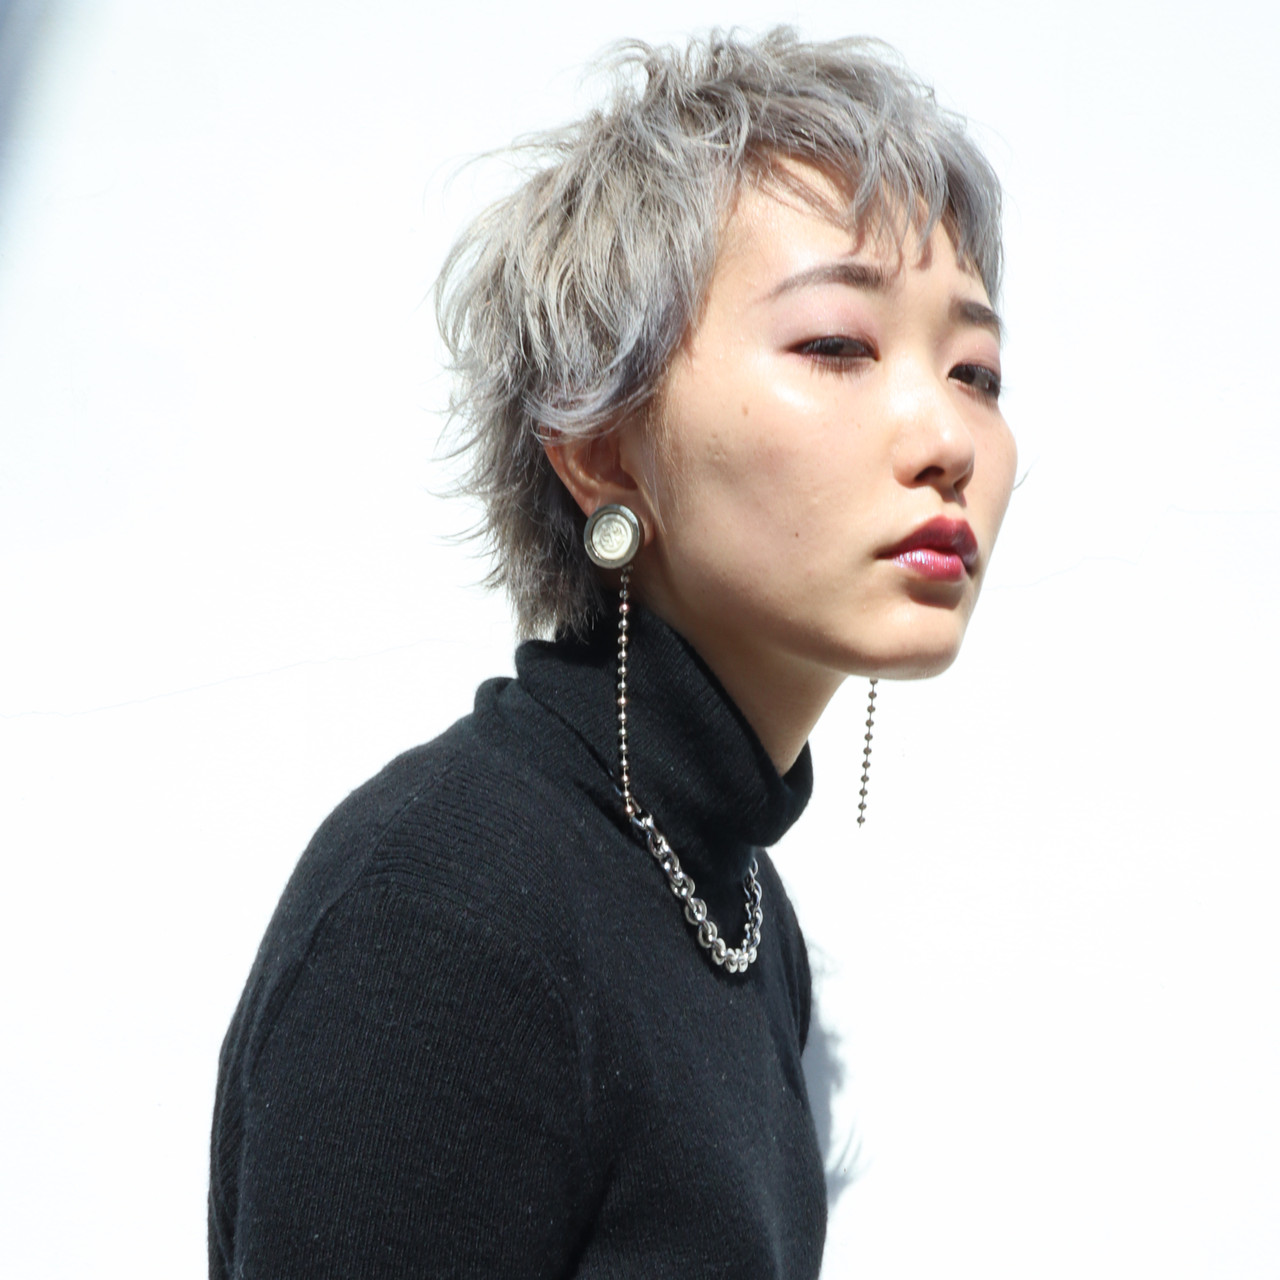 ヘアカラー 透明感カラー 外国人風カラー ショート ヘアスタイルや髪型の写真・画像